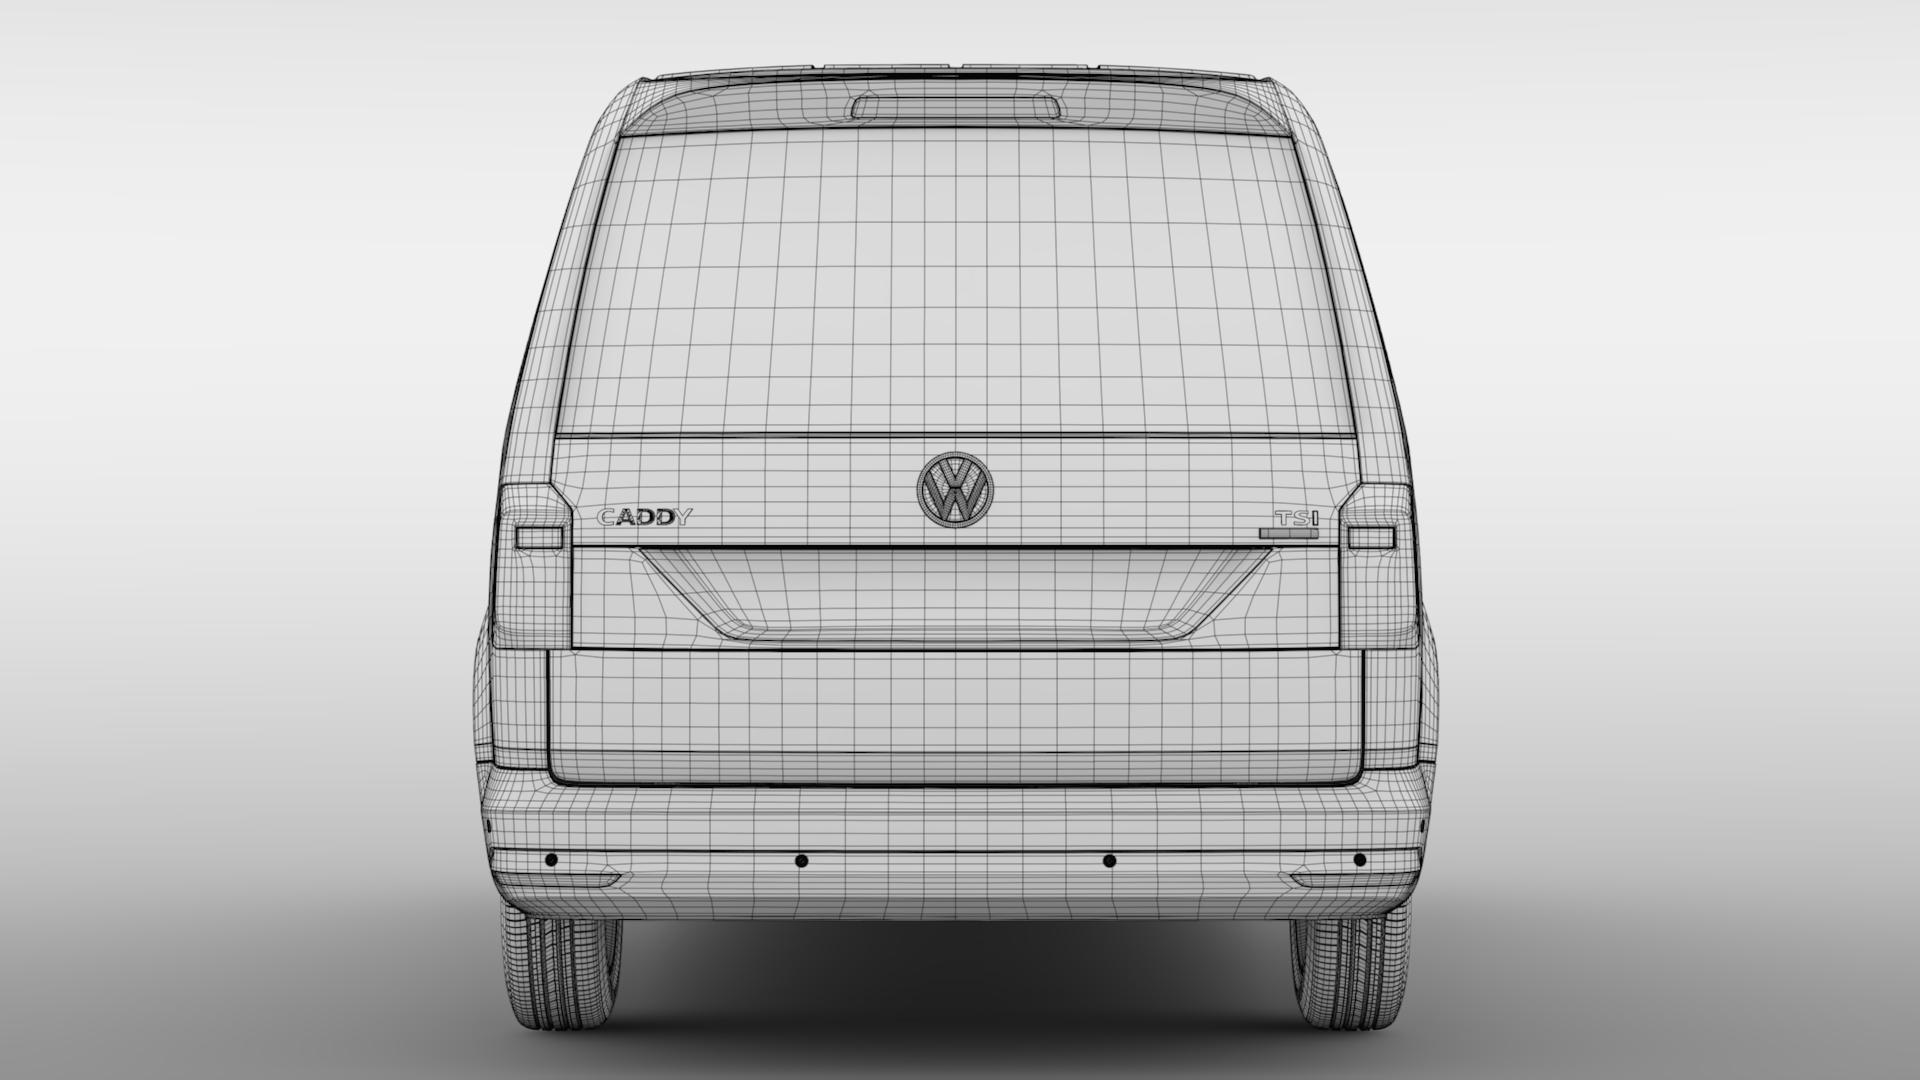 volkswagen caddy panel van l2 2017 3d model max fbx c4d lwo ma mb hrc xsi obj 274617